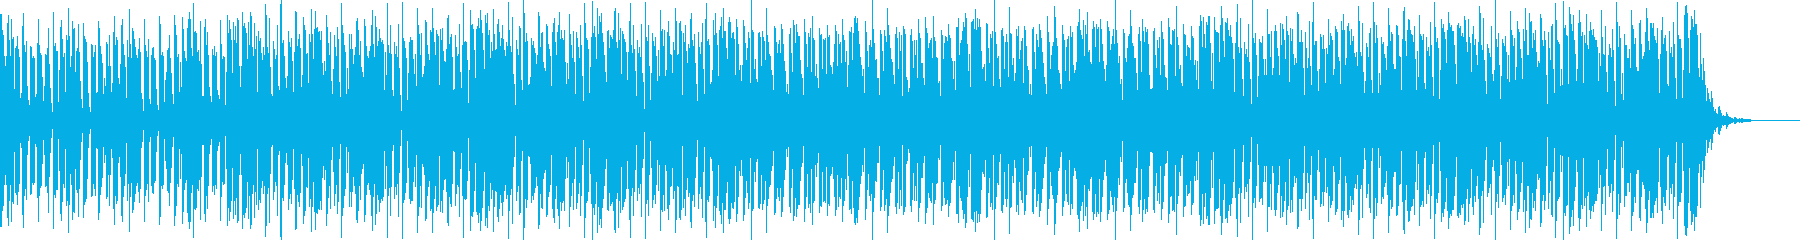 アグレッシブさのある四つ打ちバトル曲の再生済みの波形